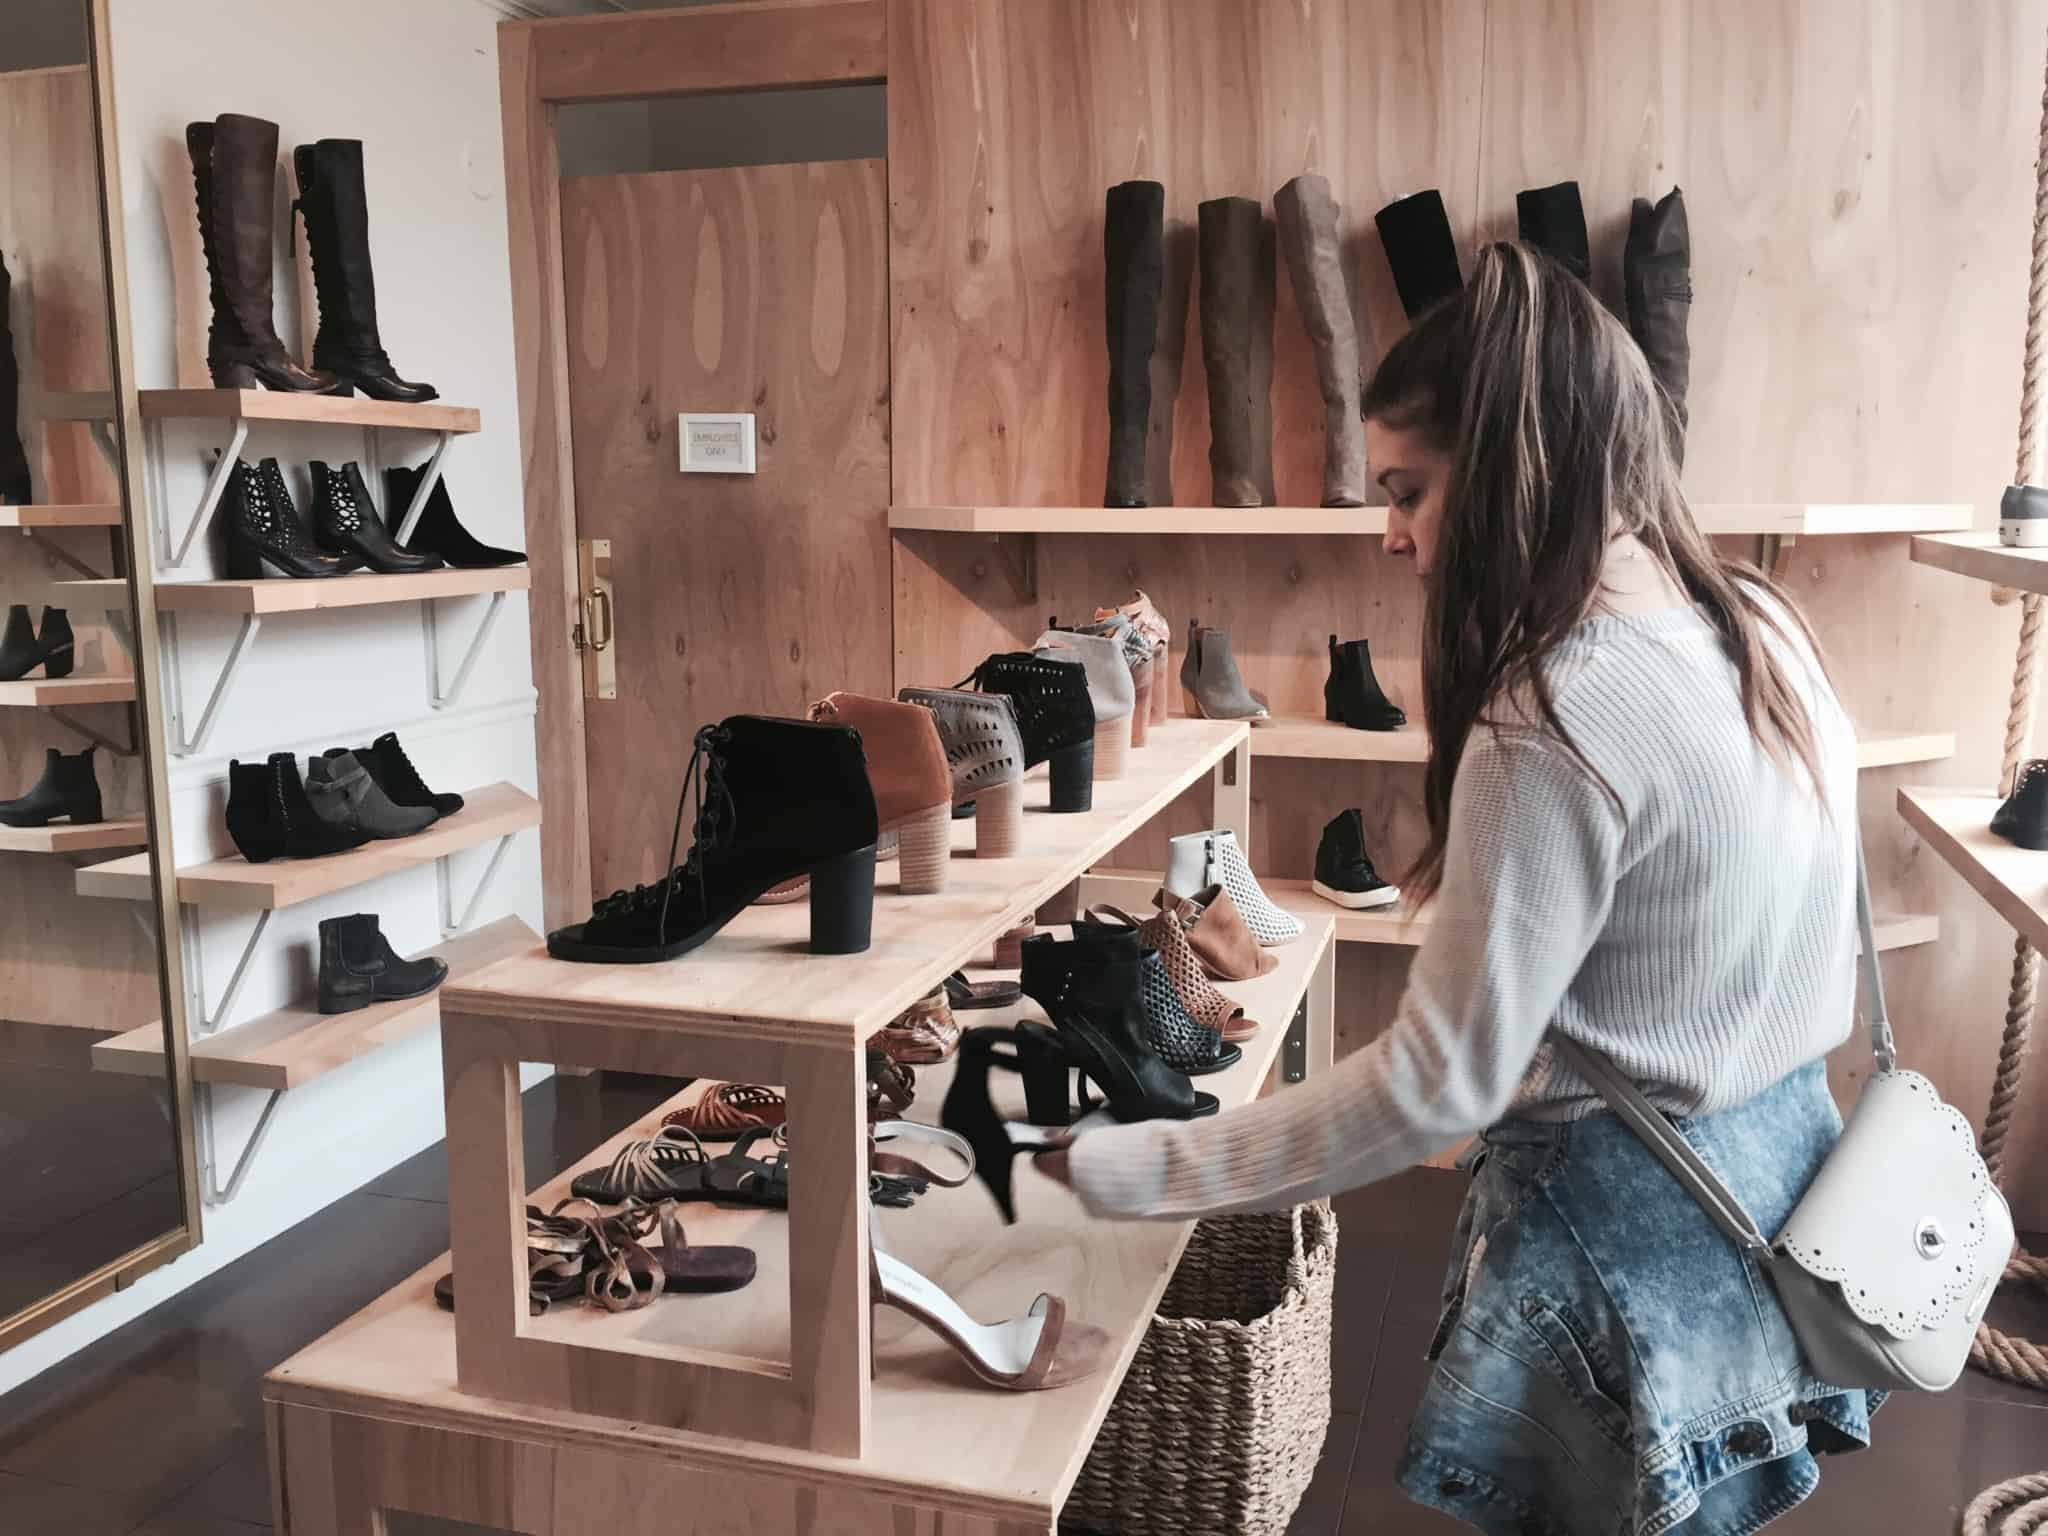 rapariga a ver uns sapatos pretos numa pequena loja